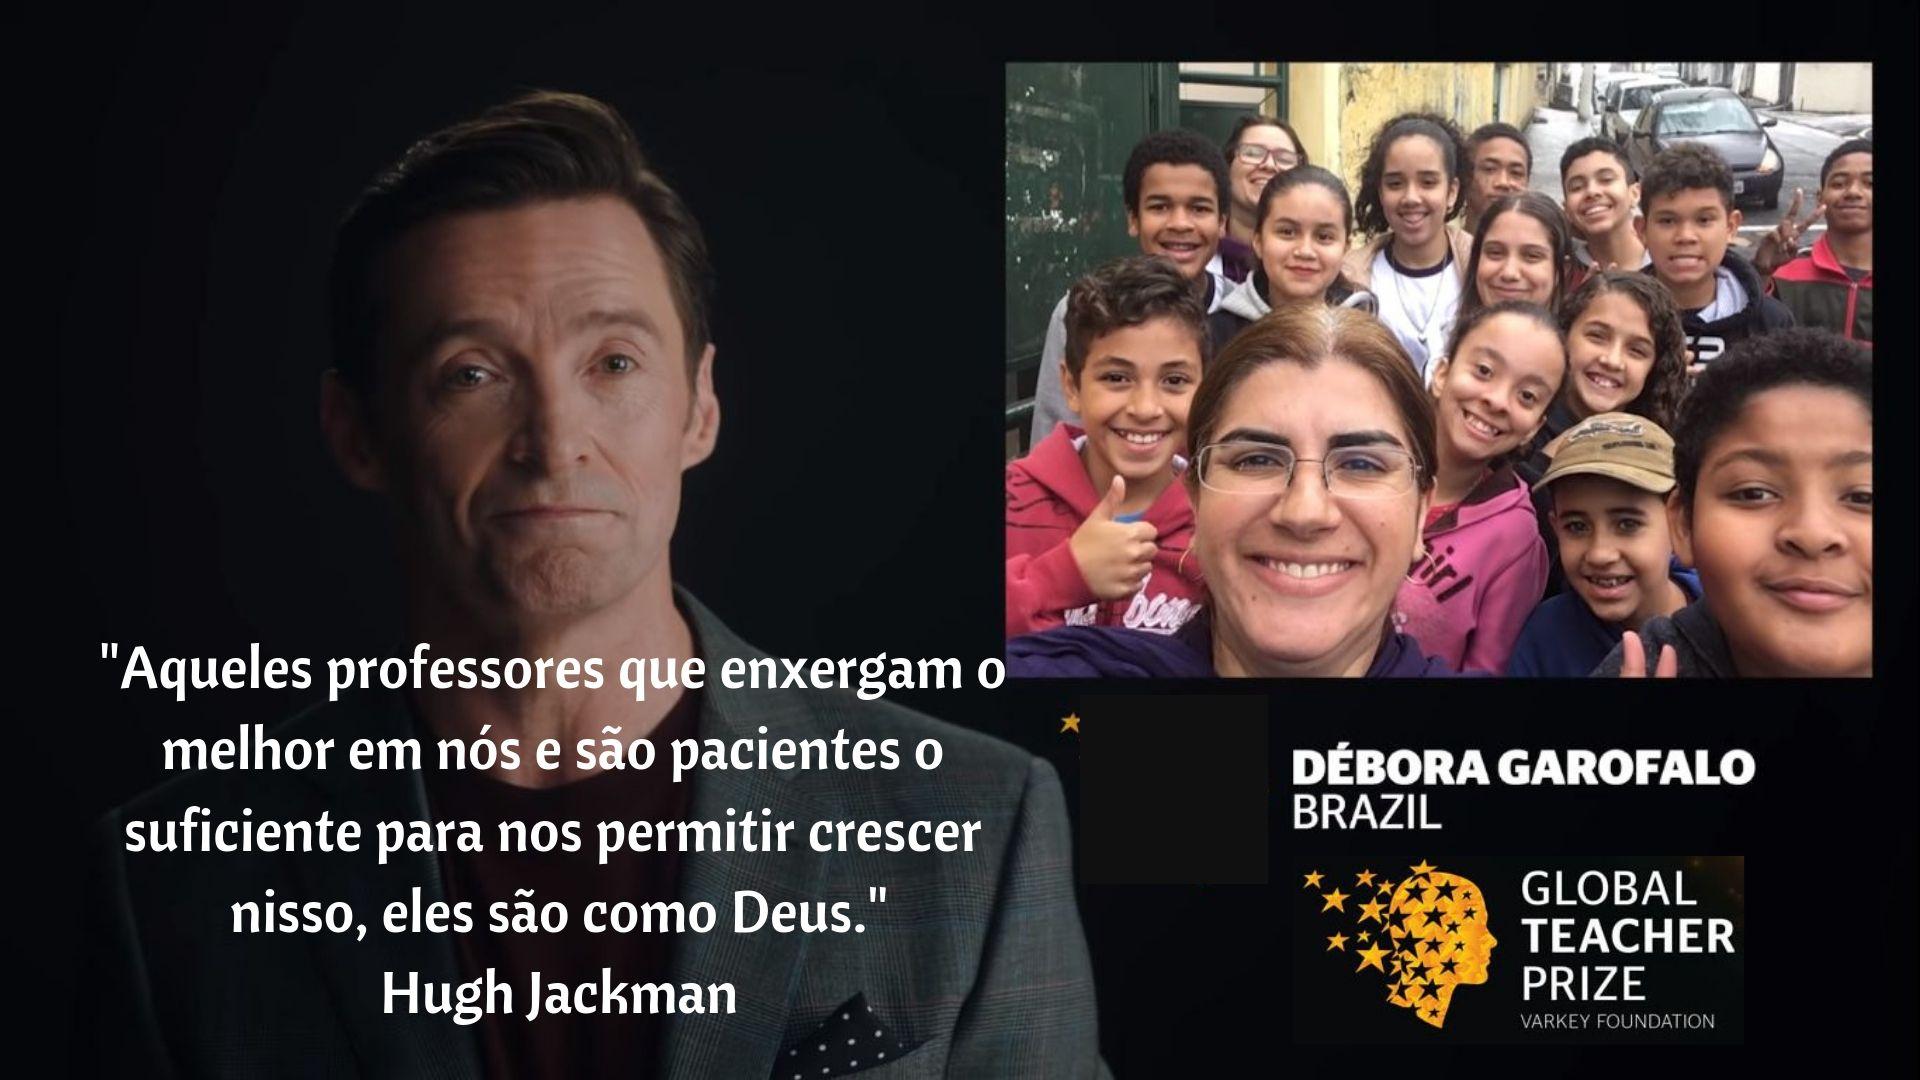 Débora Garofalo – Global Teacher Prize 2019